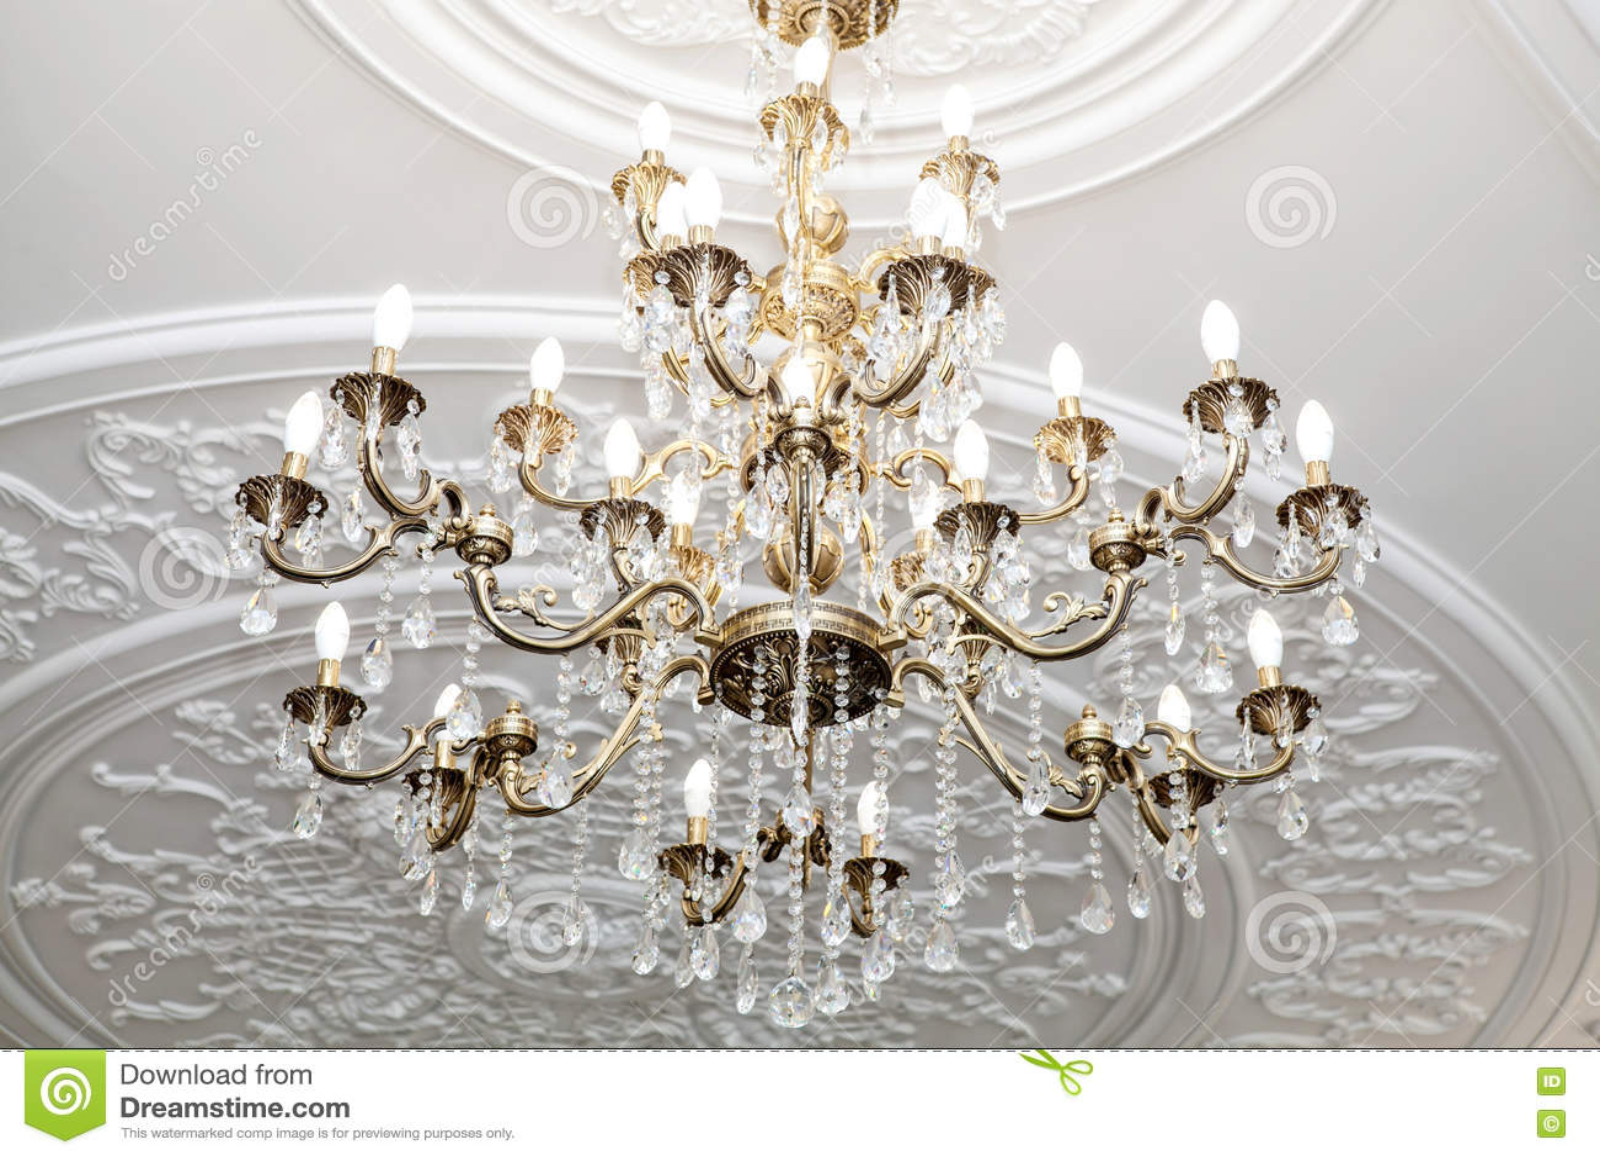 Plafoniere In Cristallo A Soffitto : Bello candeliere a cristallo sul soffitto immagine stock